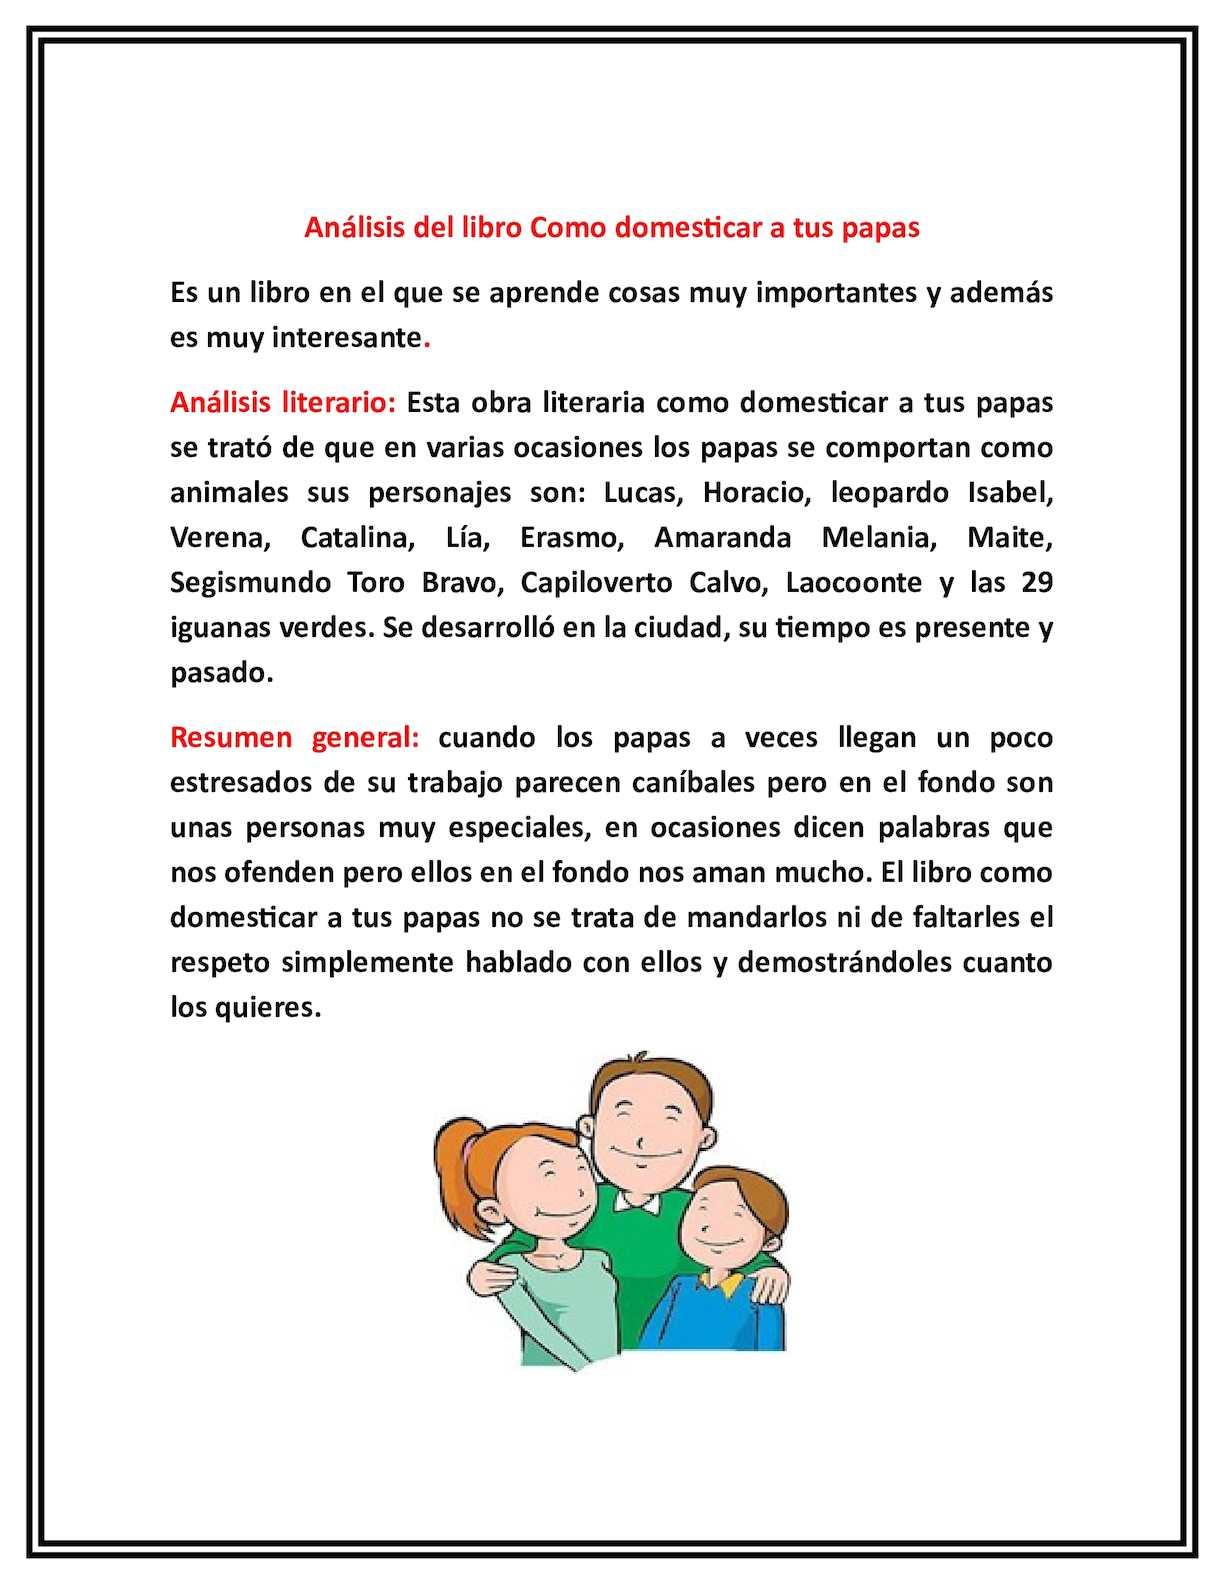 Calaméo - Analisis Literario Como Domesticar A Tus Papas